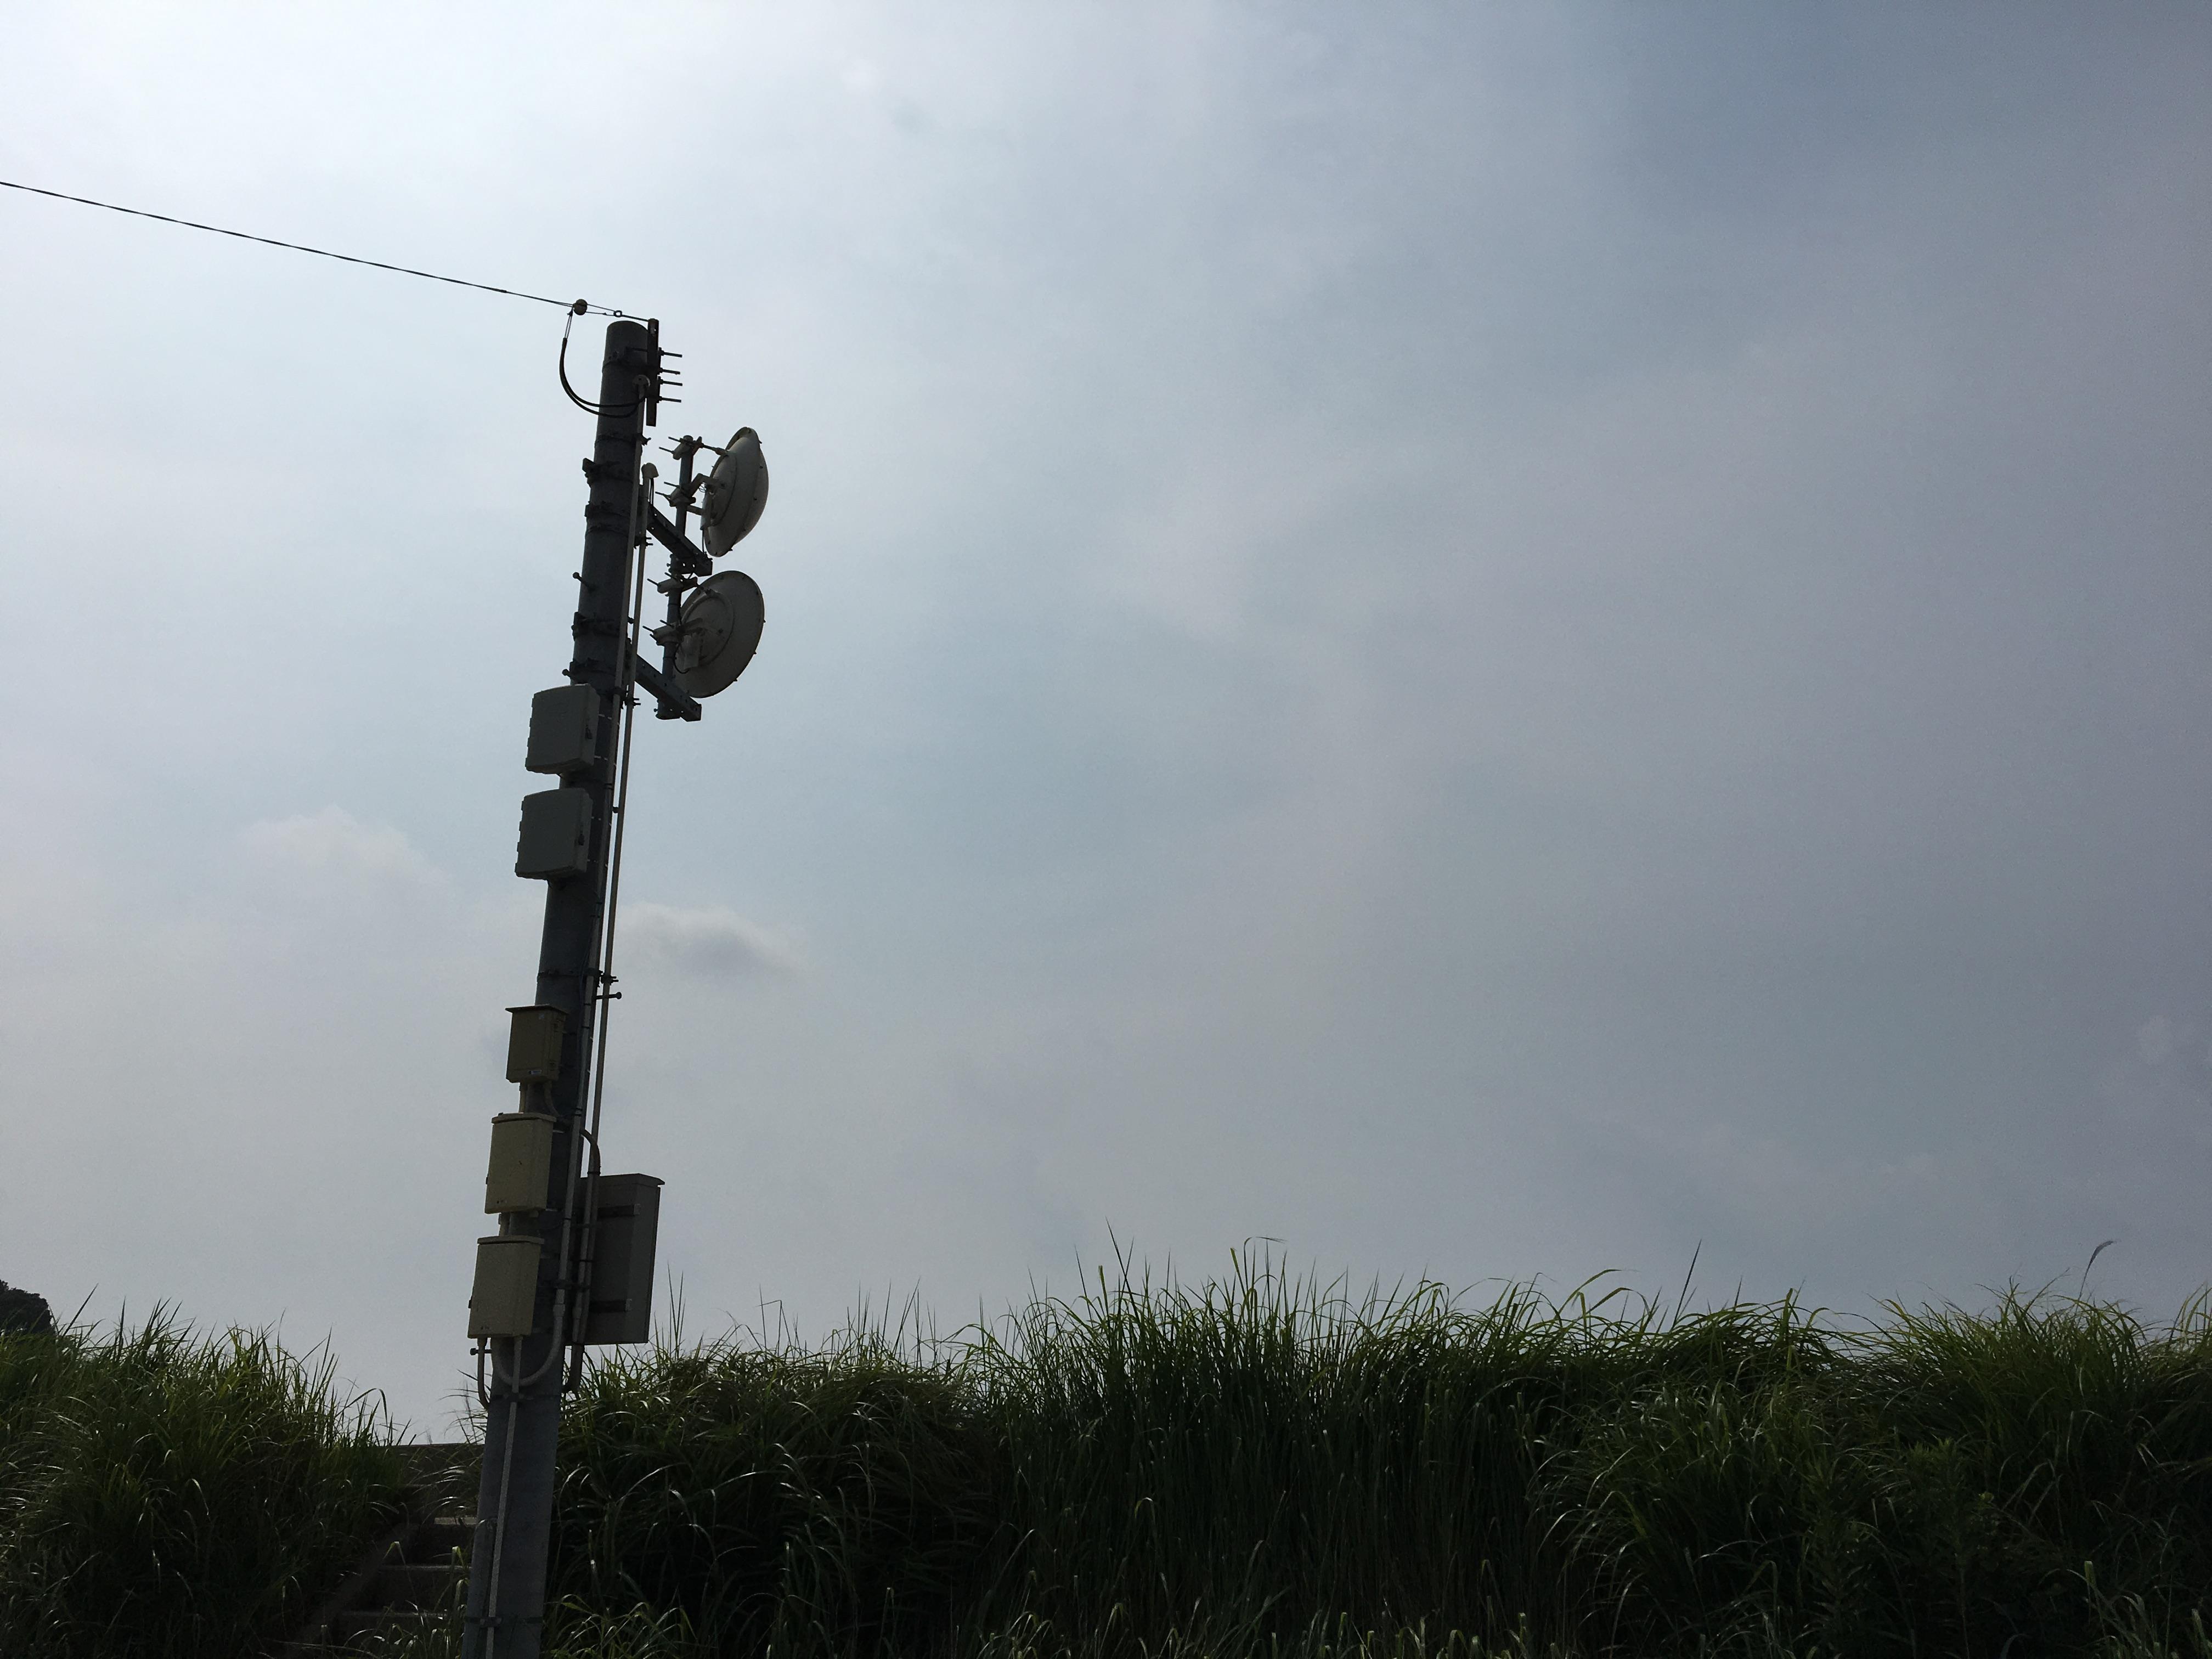 屋外用無線LAN機器 WiFi